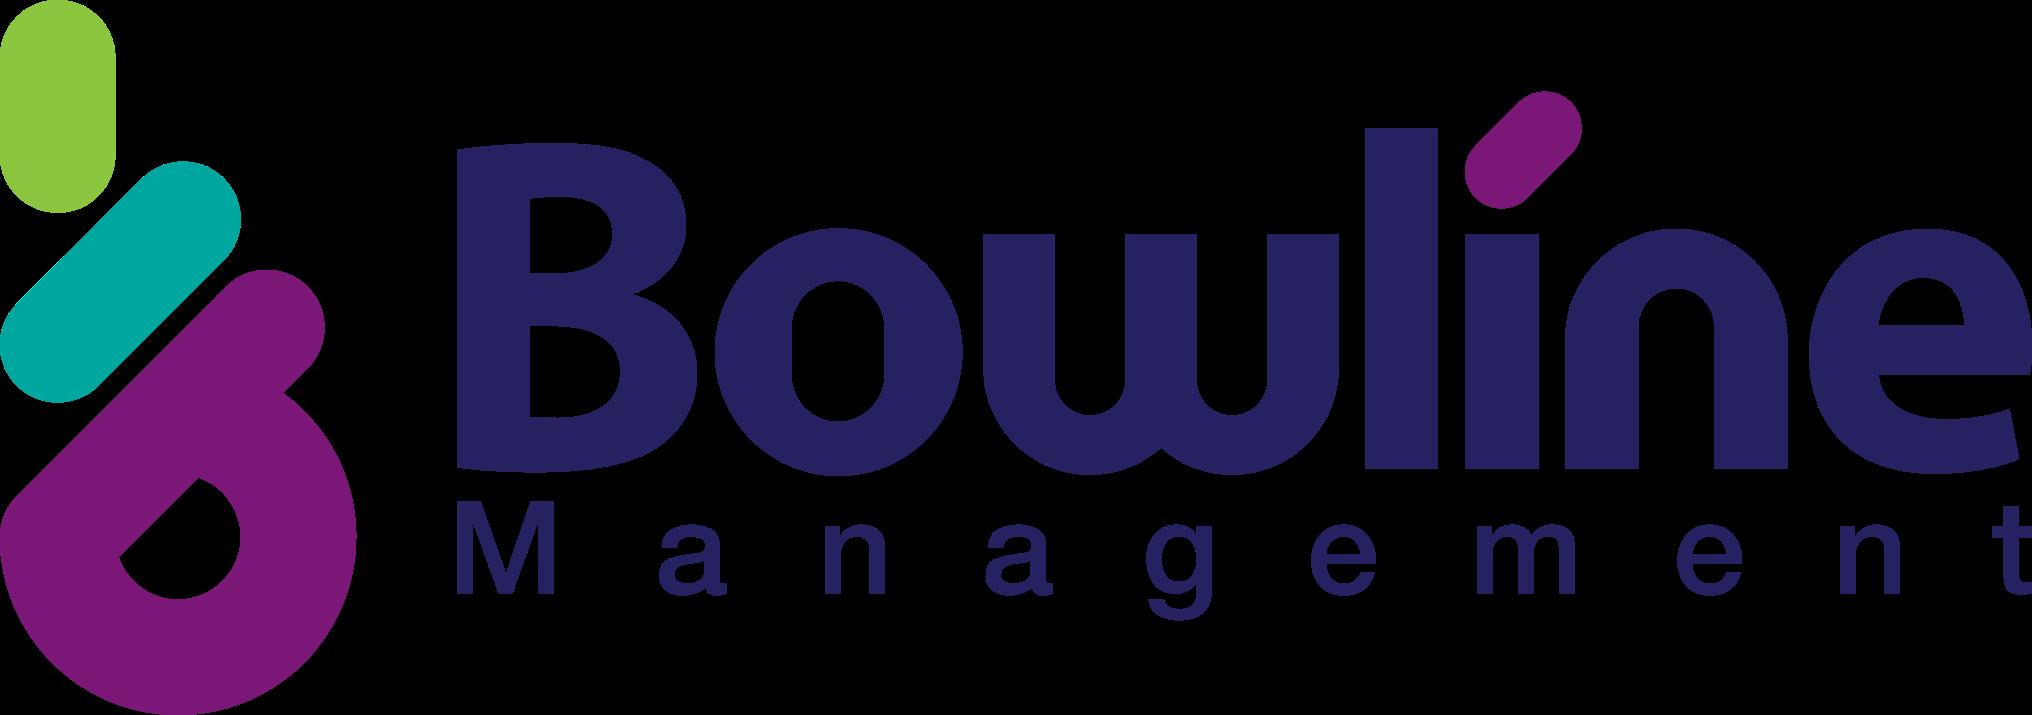 株式会社ボウラインマネジメントのロゴ